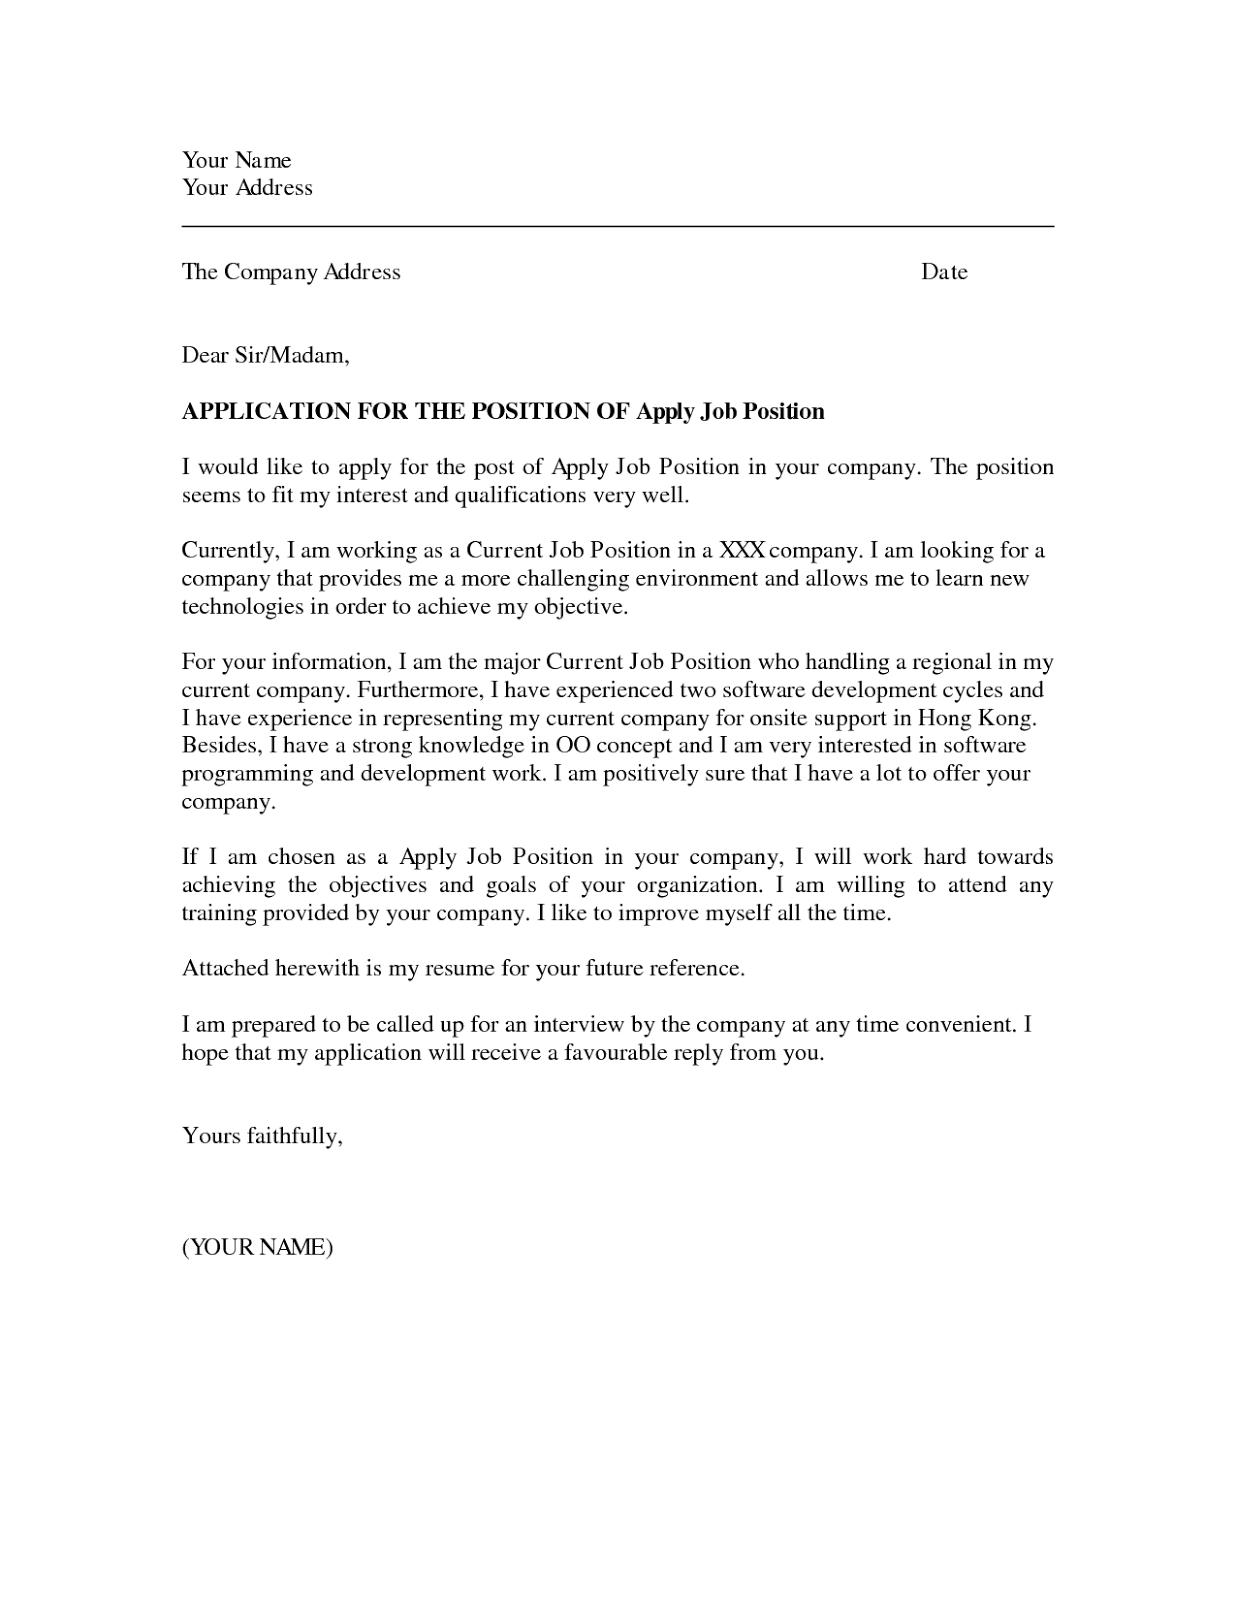 job application letter sample 3